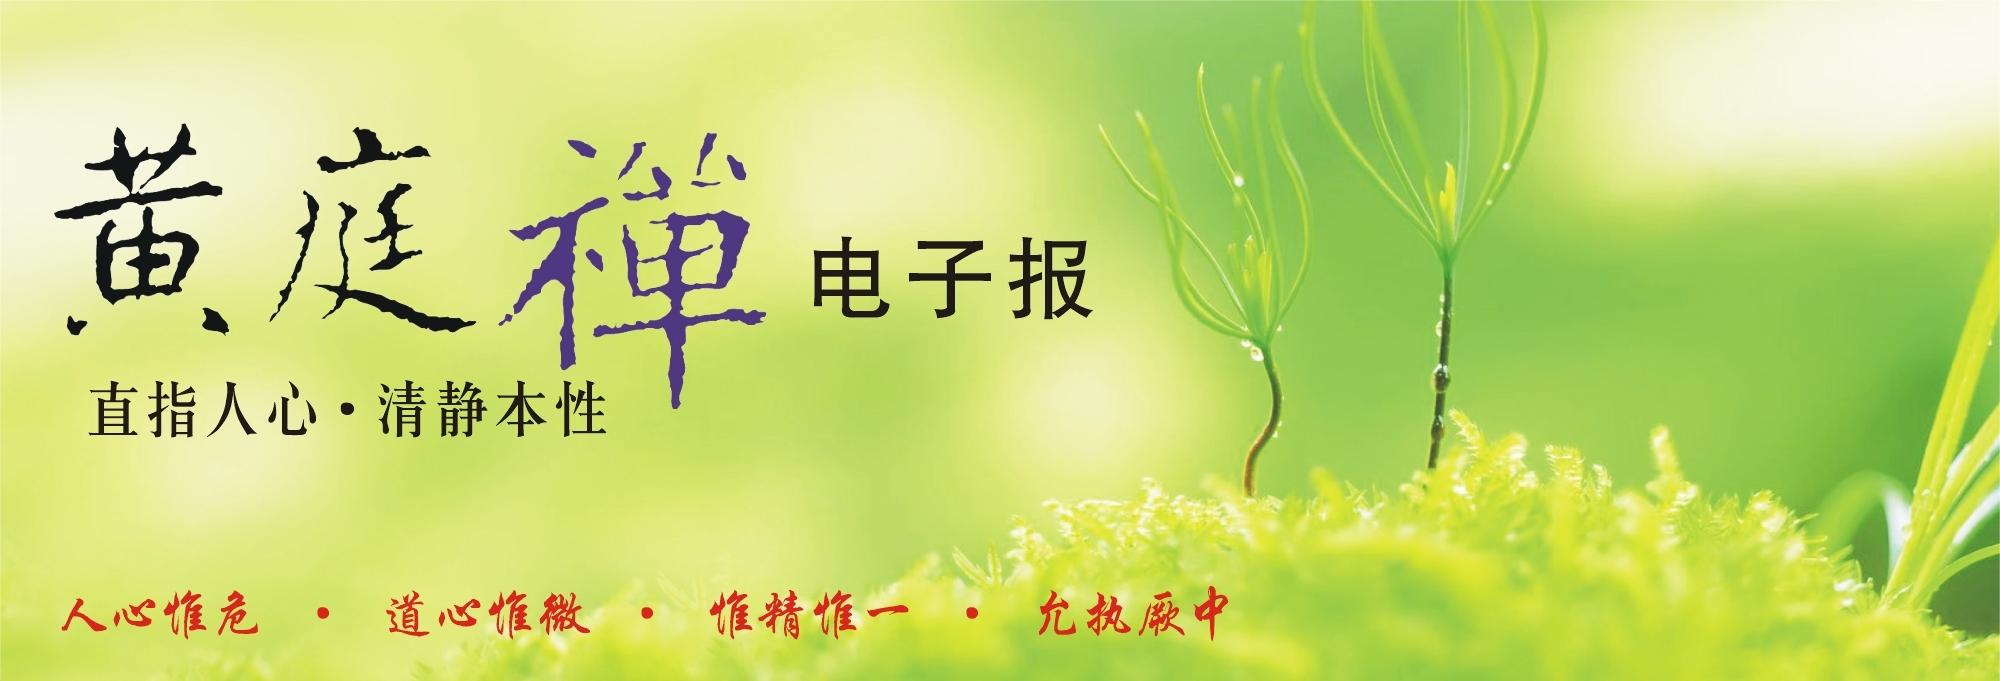 中华黄庭禅学会2016.02.11电子报